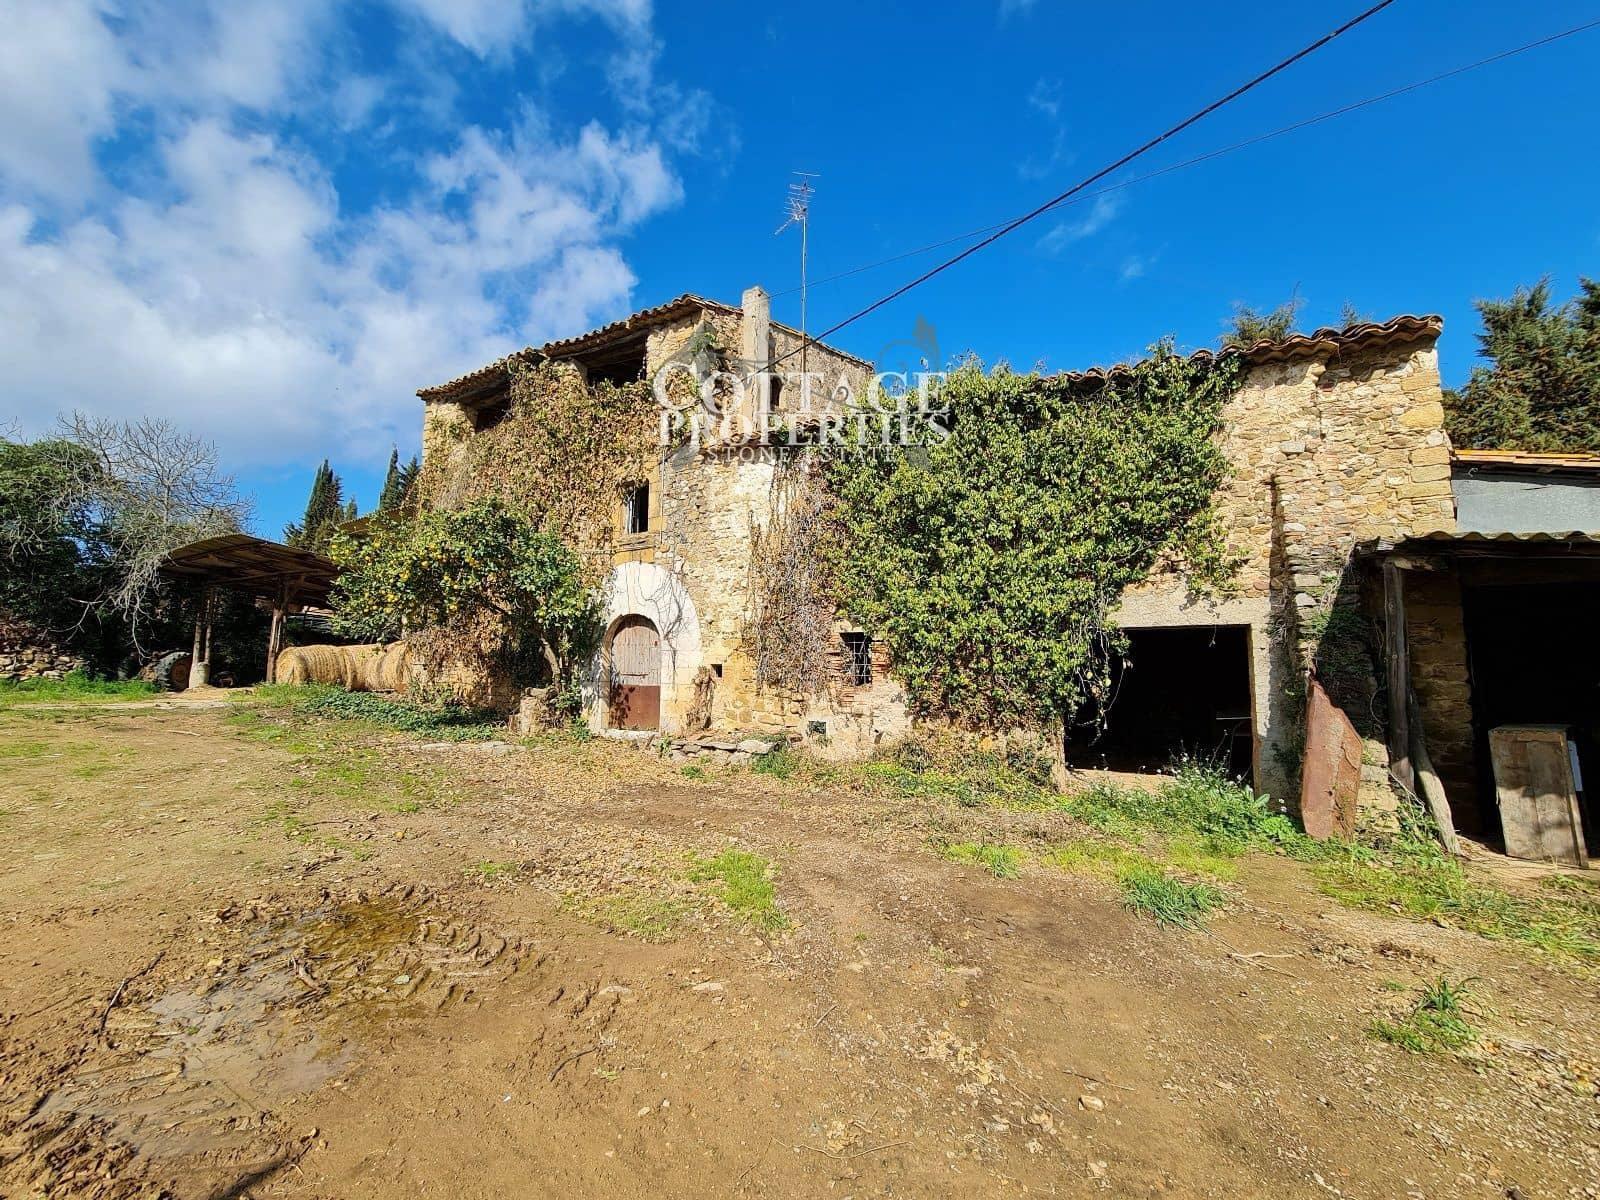 5 sypialnia Finka/Dom wiejski na sprzedaż w Monells - 650 000 € (Ref: 4977178)